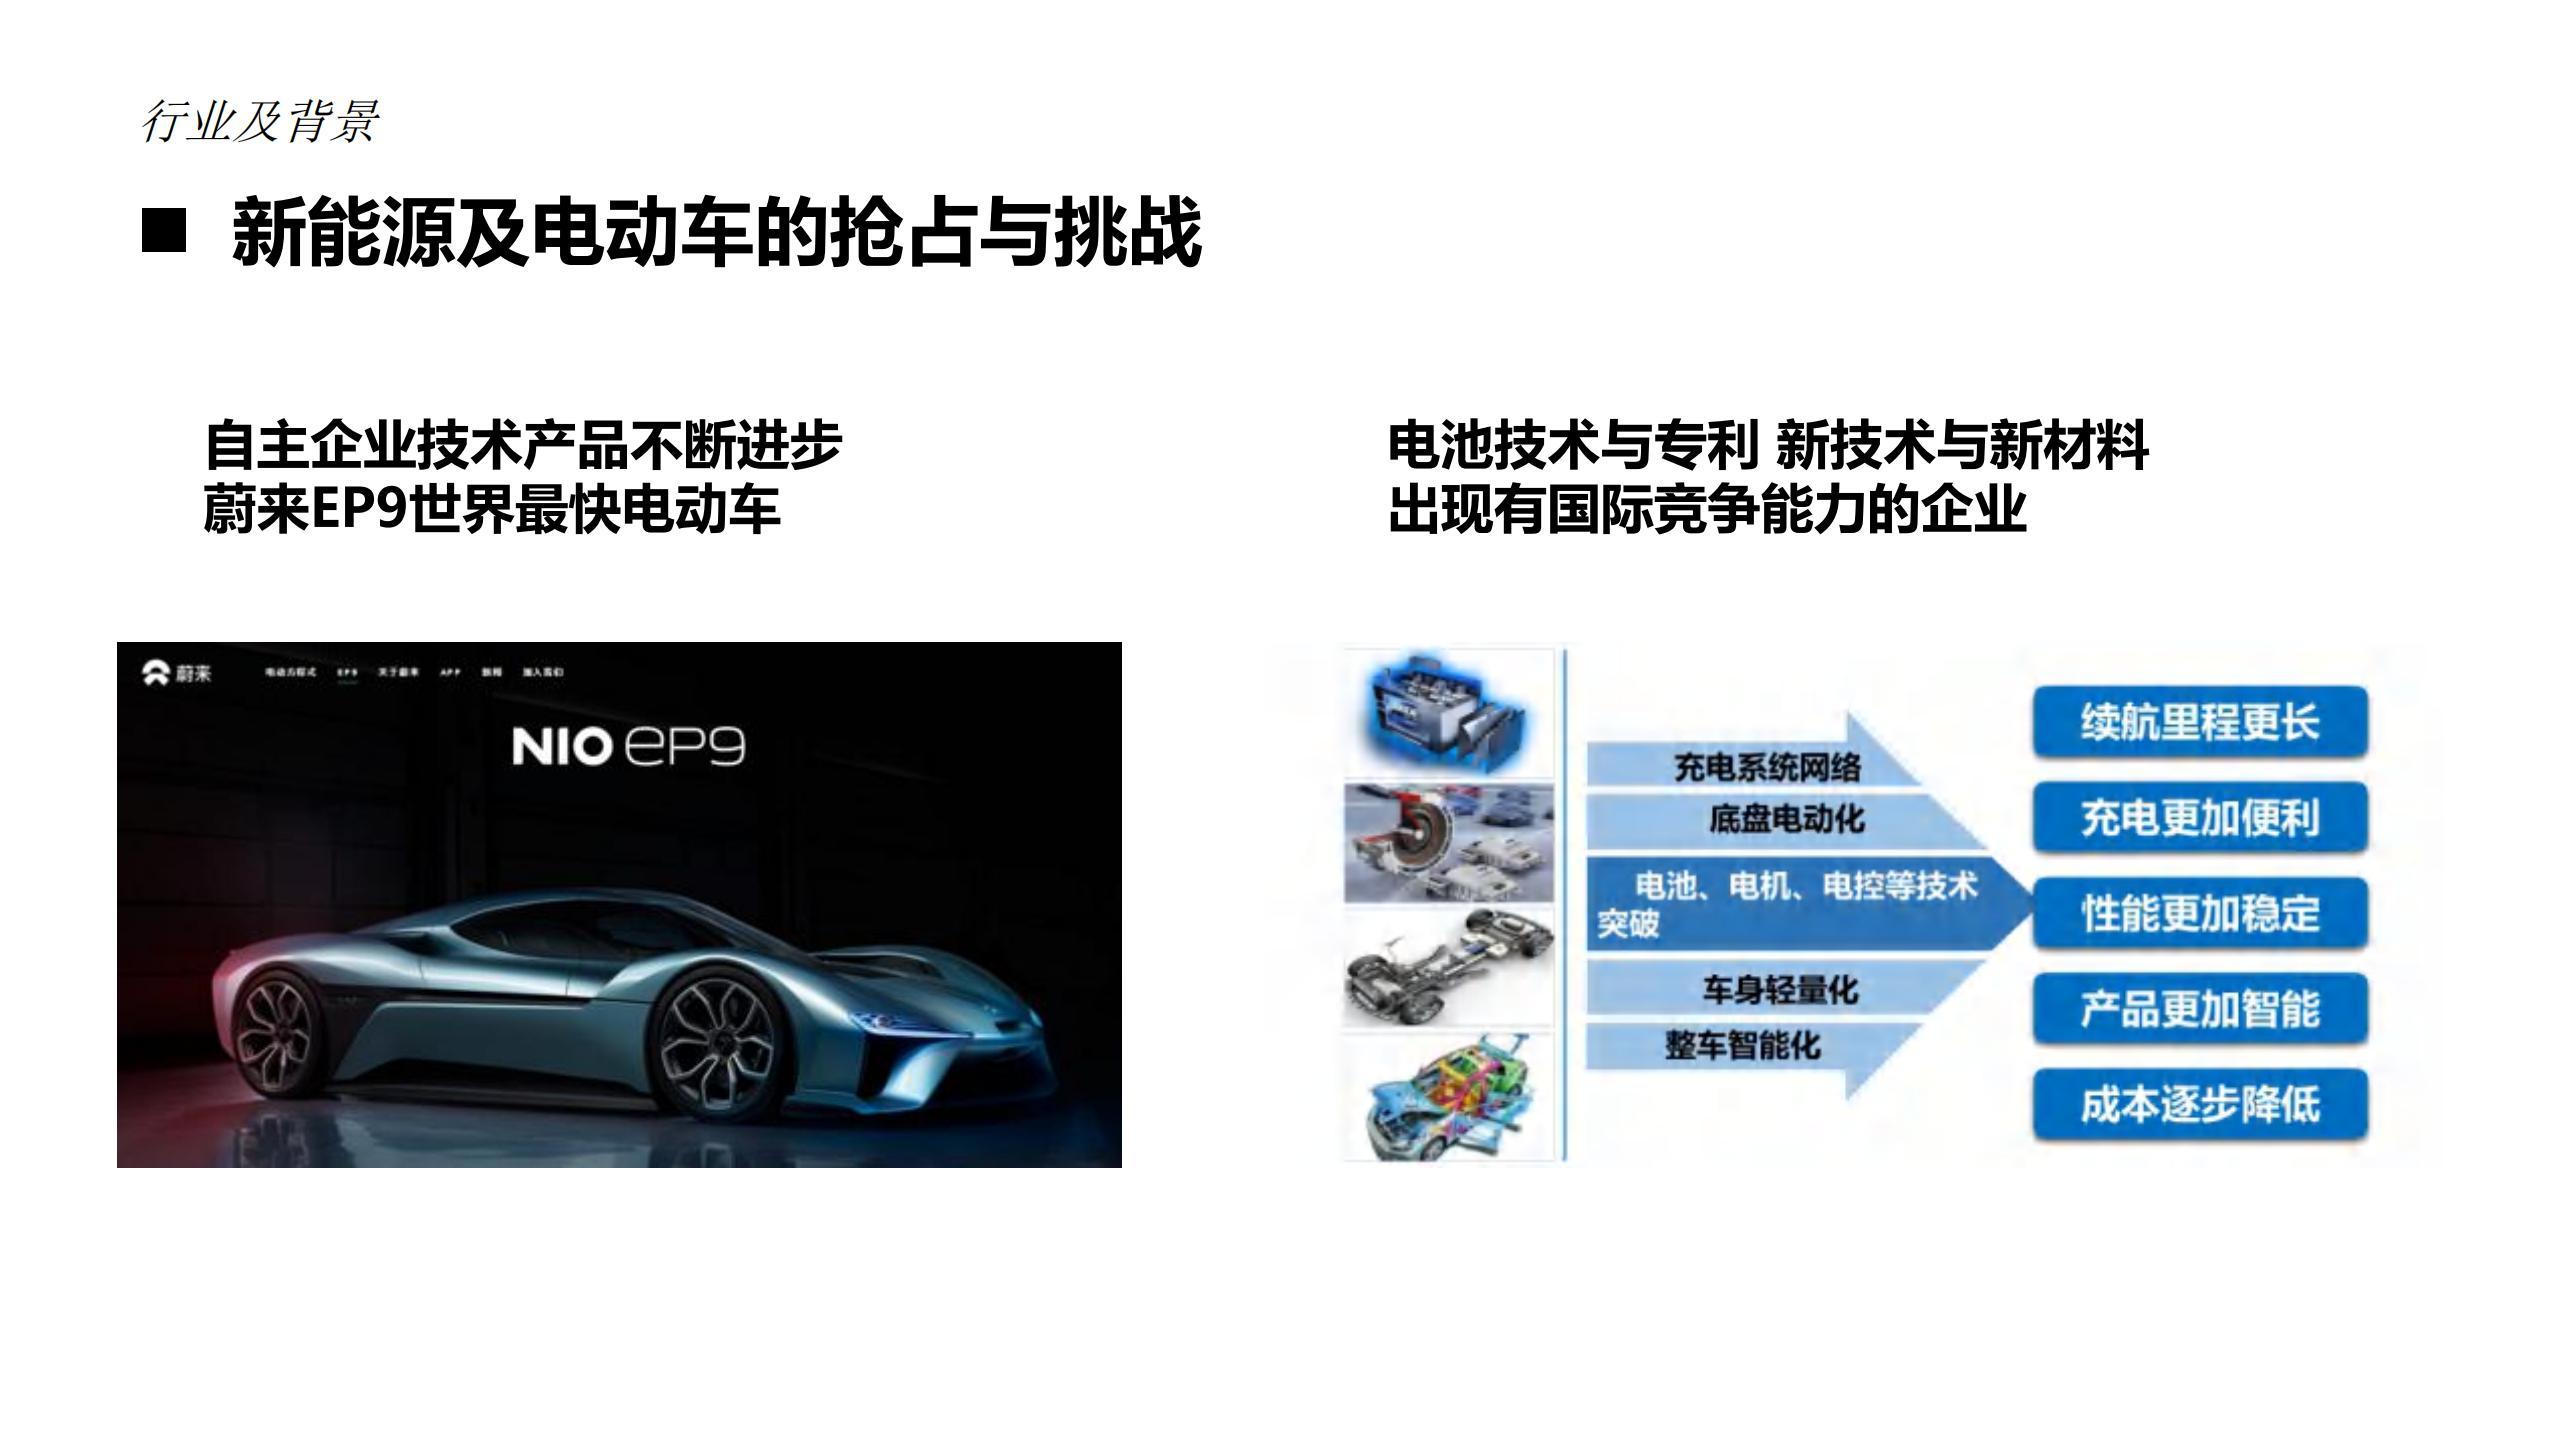 2018云度汽车整合营销策划案,配合活动后续传播和优质口碑